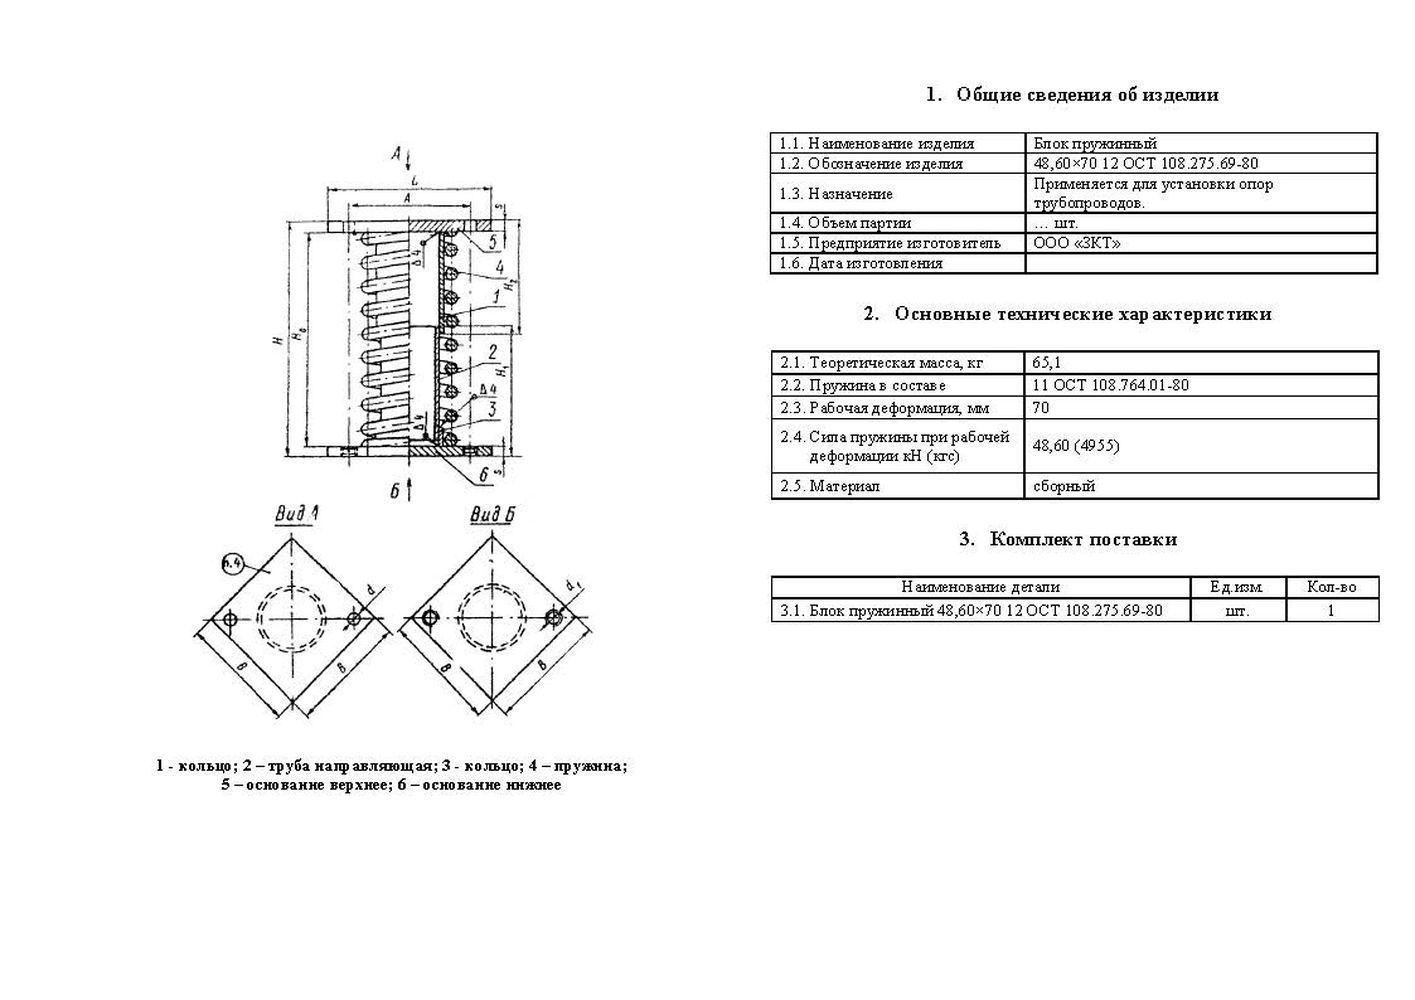 Паспорт Блок пружинный 12 ОСТ 108.275.69-80 стр.2